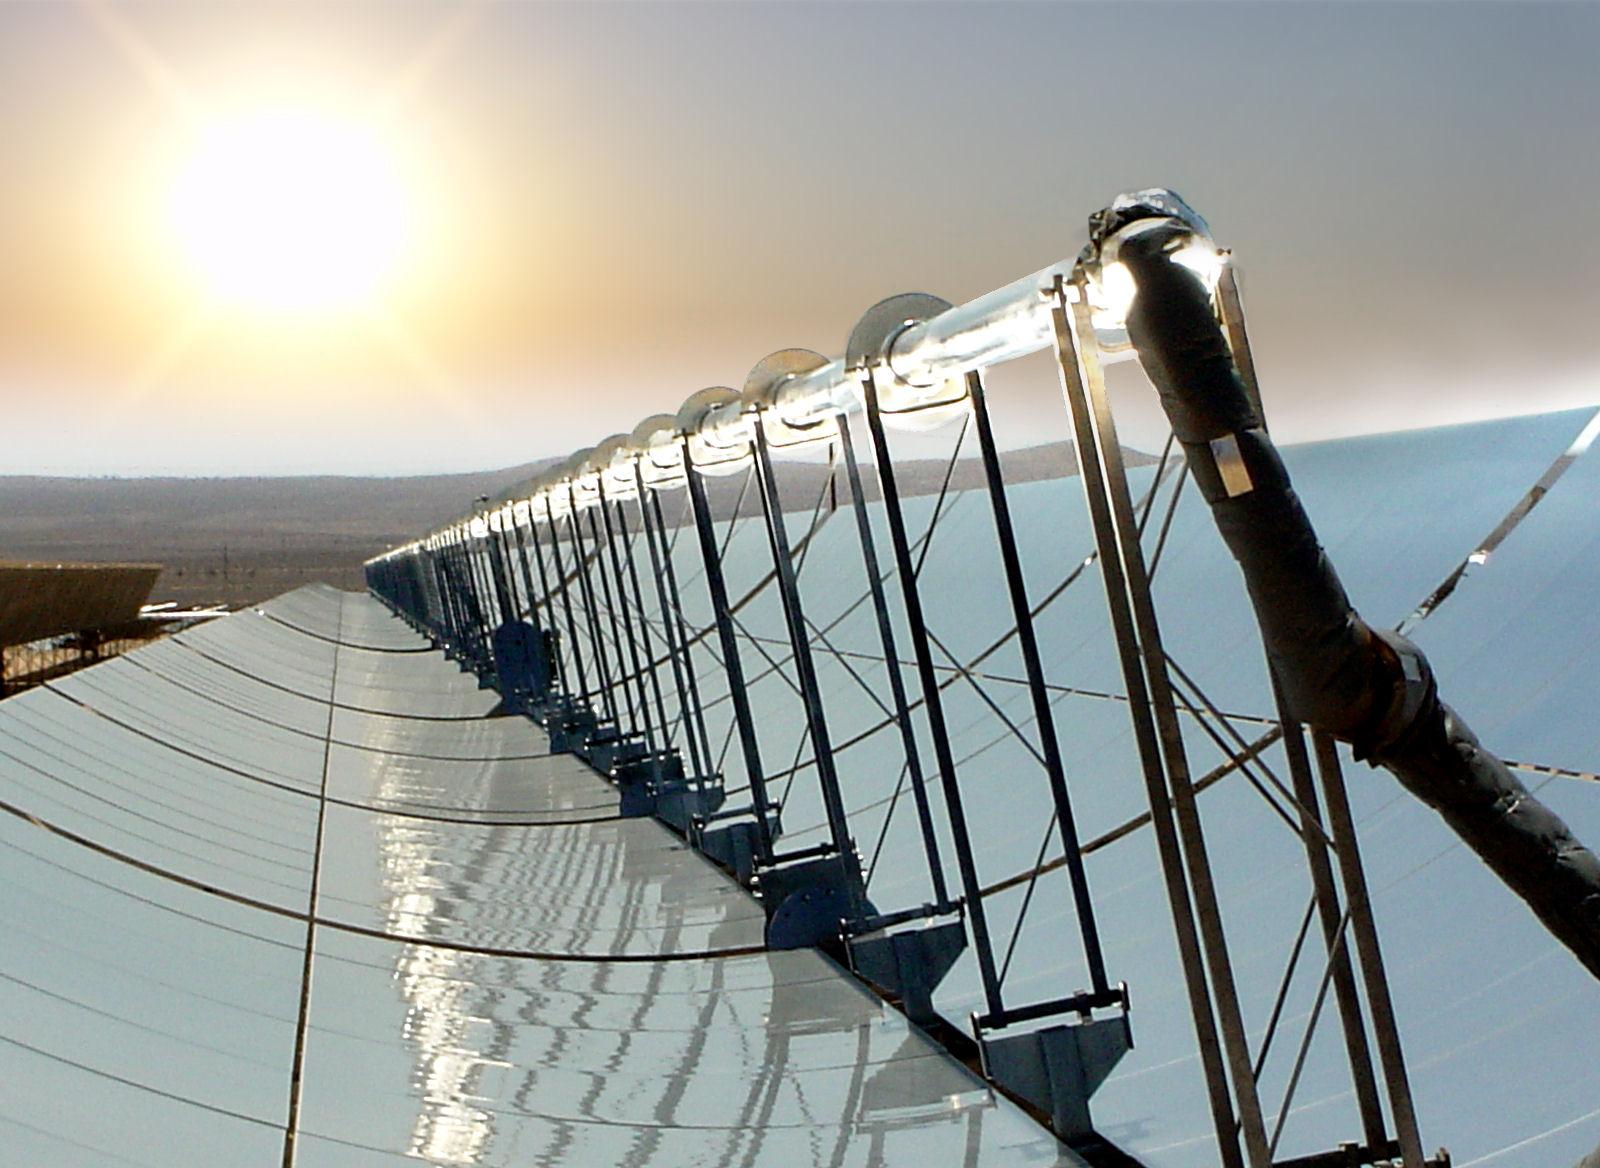 Impianto fotovoltaico produce energia anche in assenza del sole